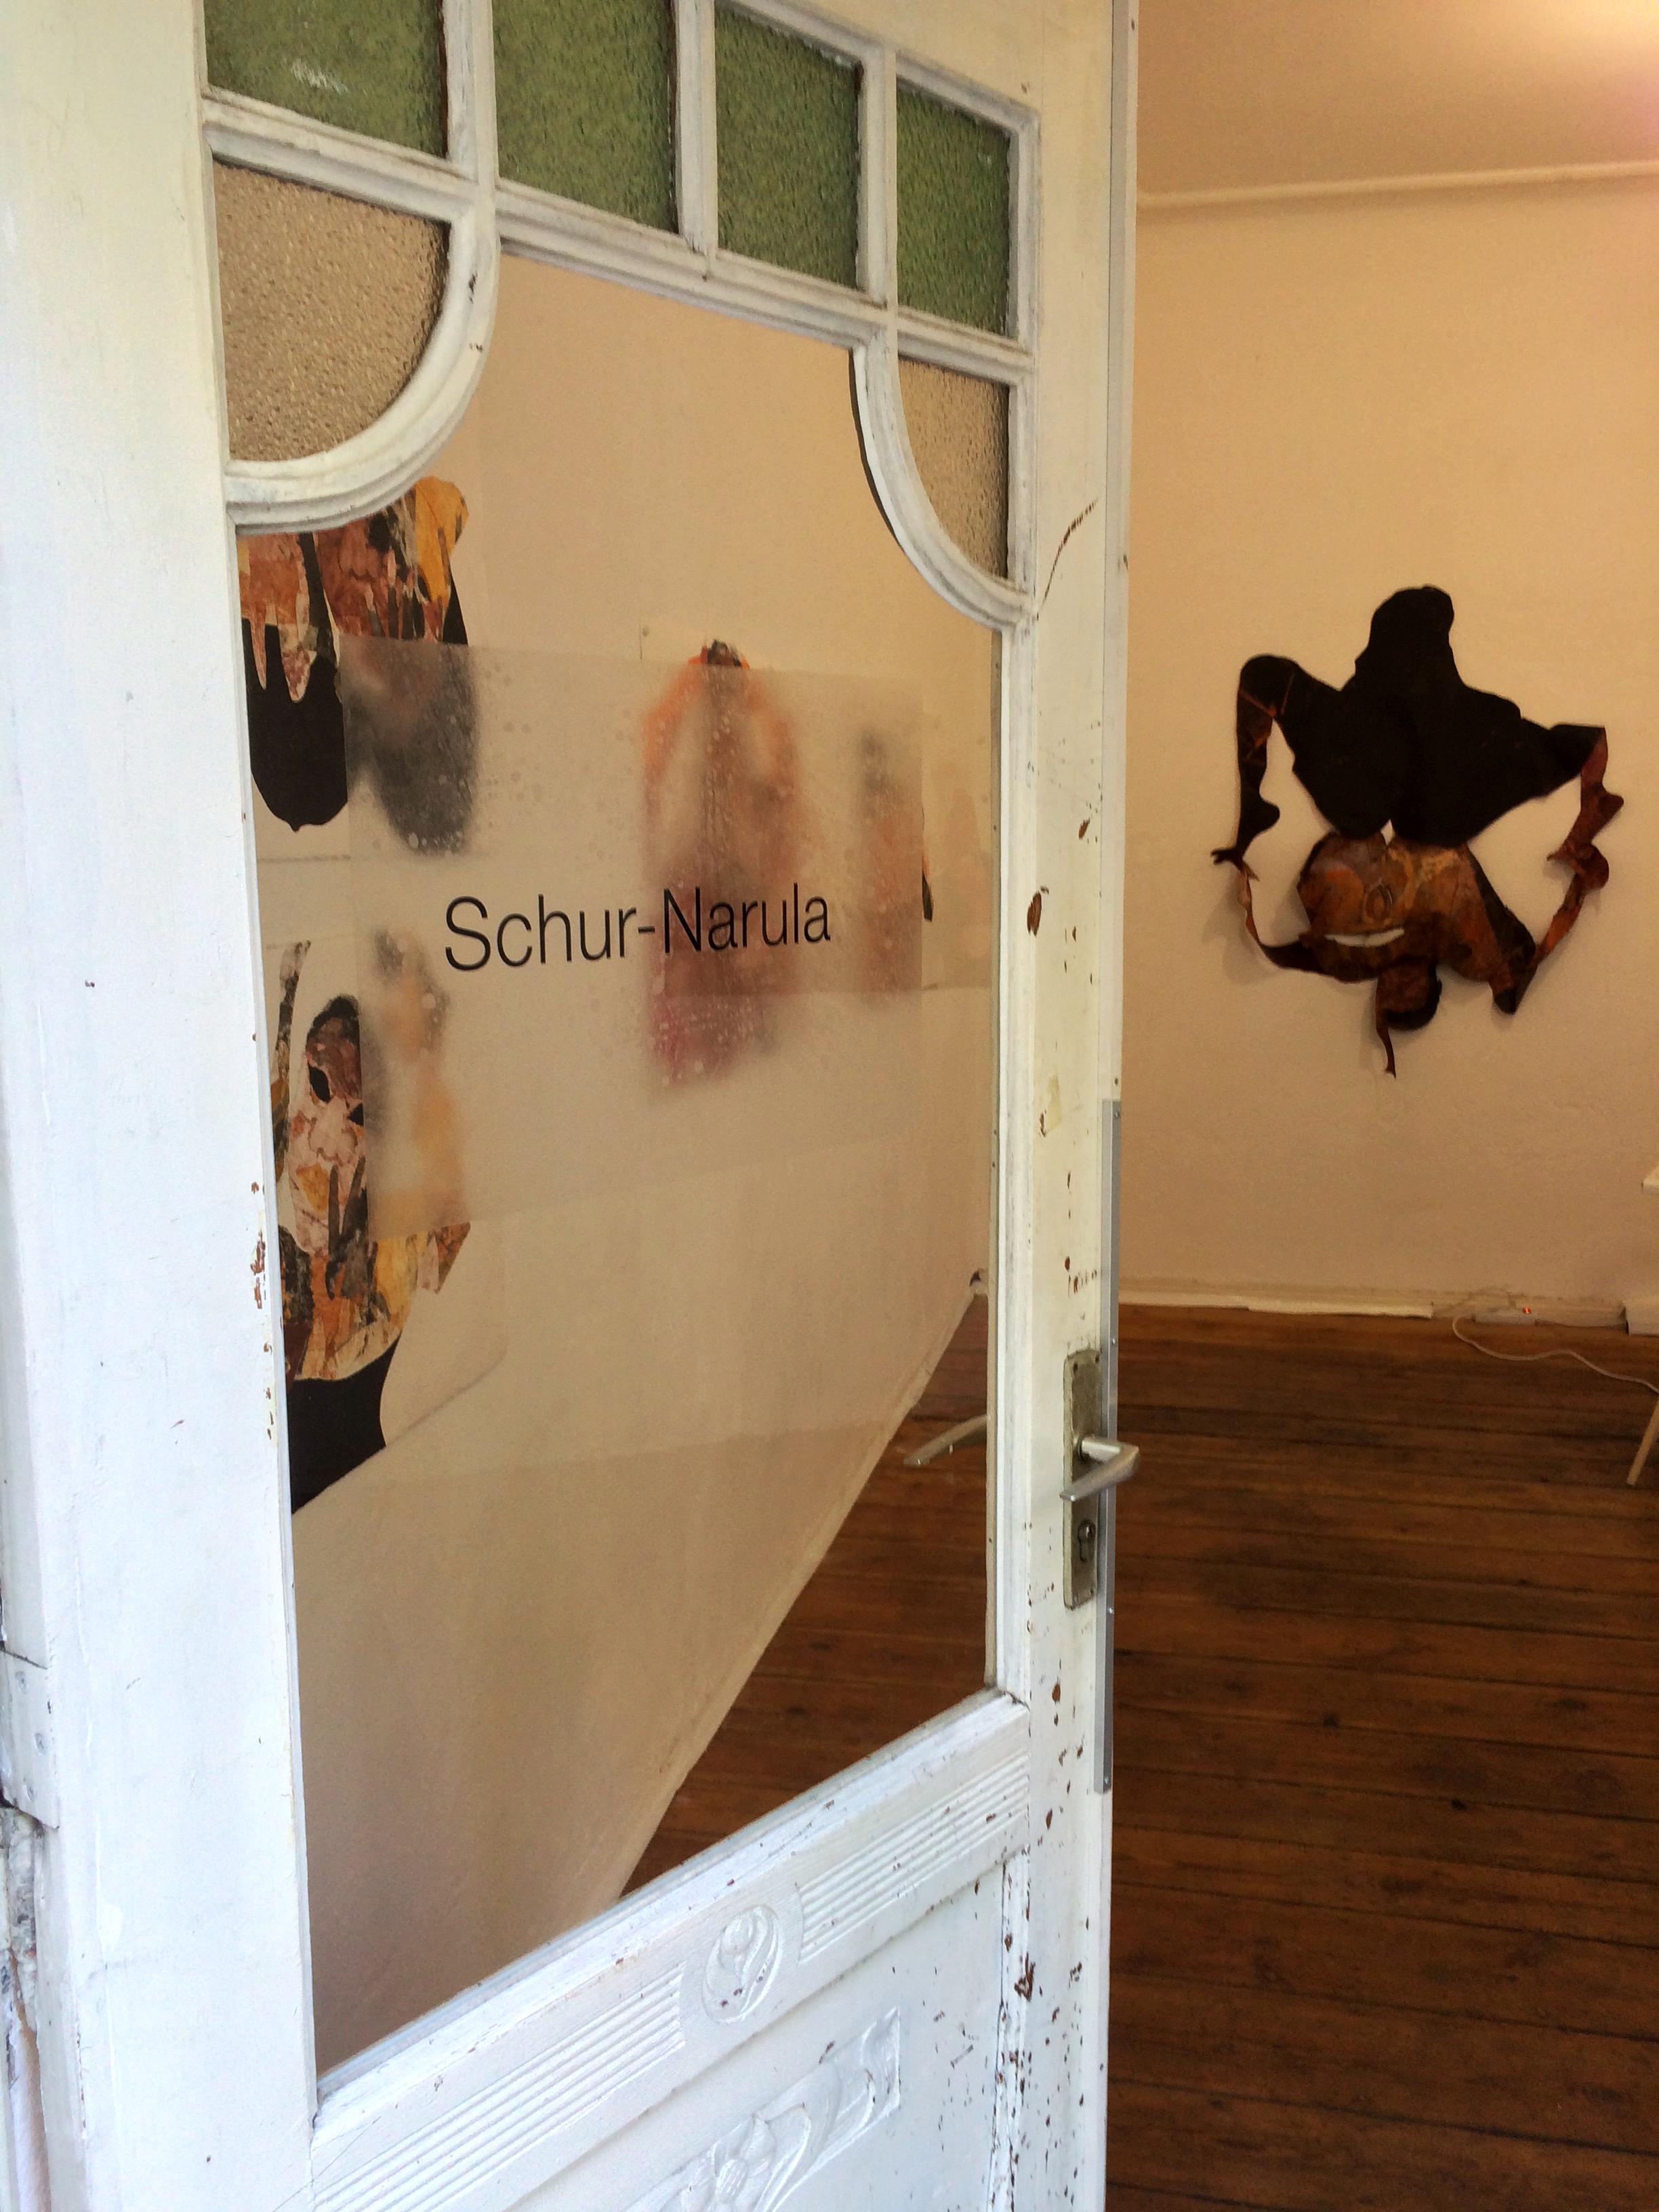 Tschabalala Self  Head Over Heels  Installation view